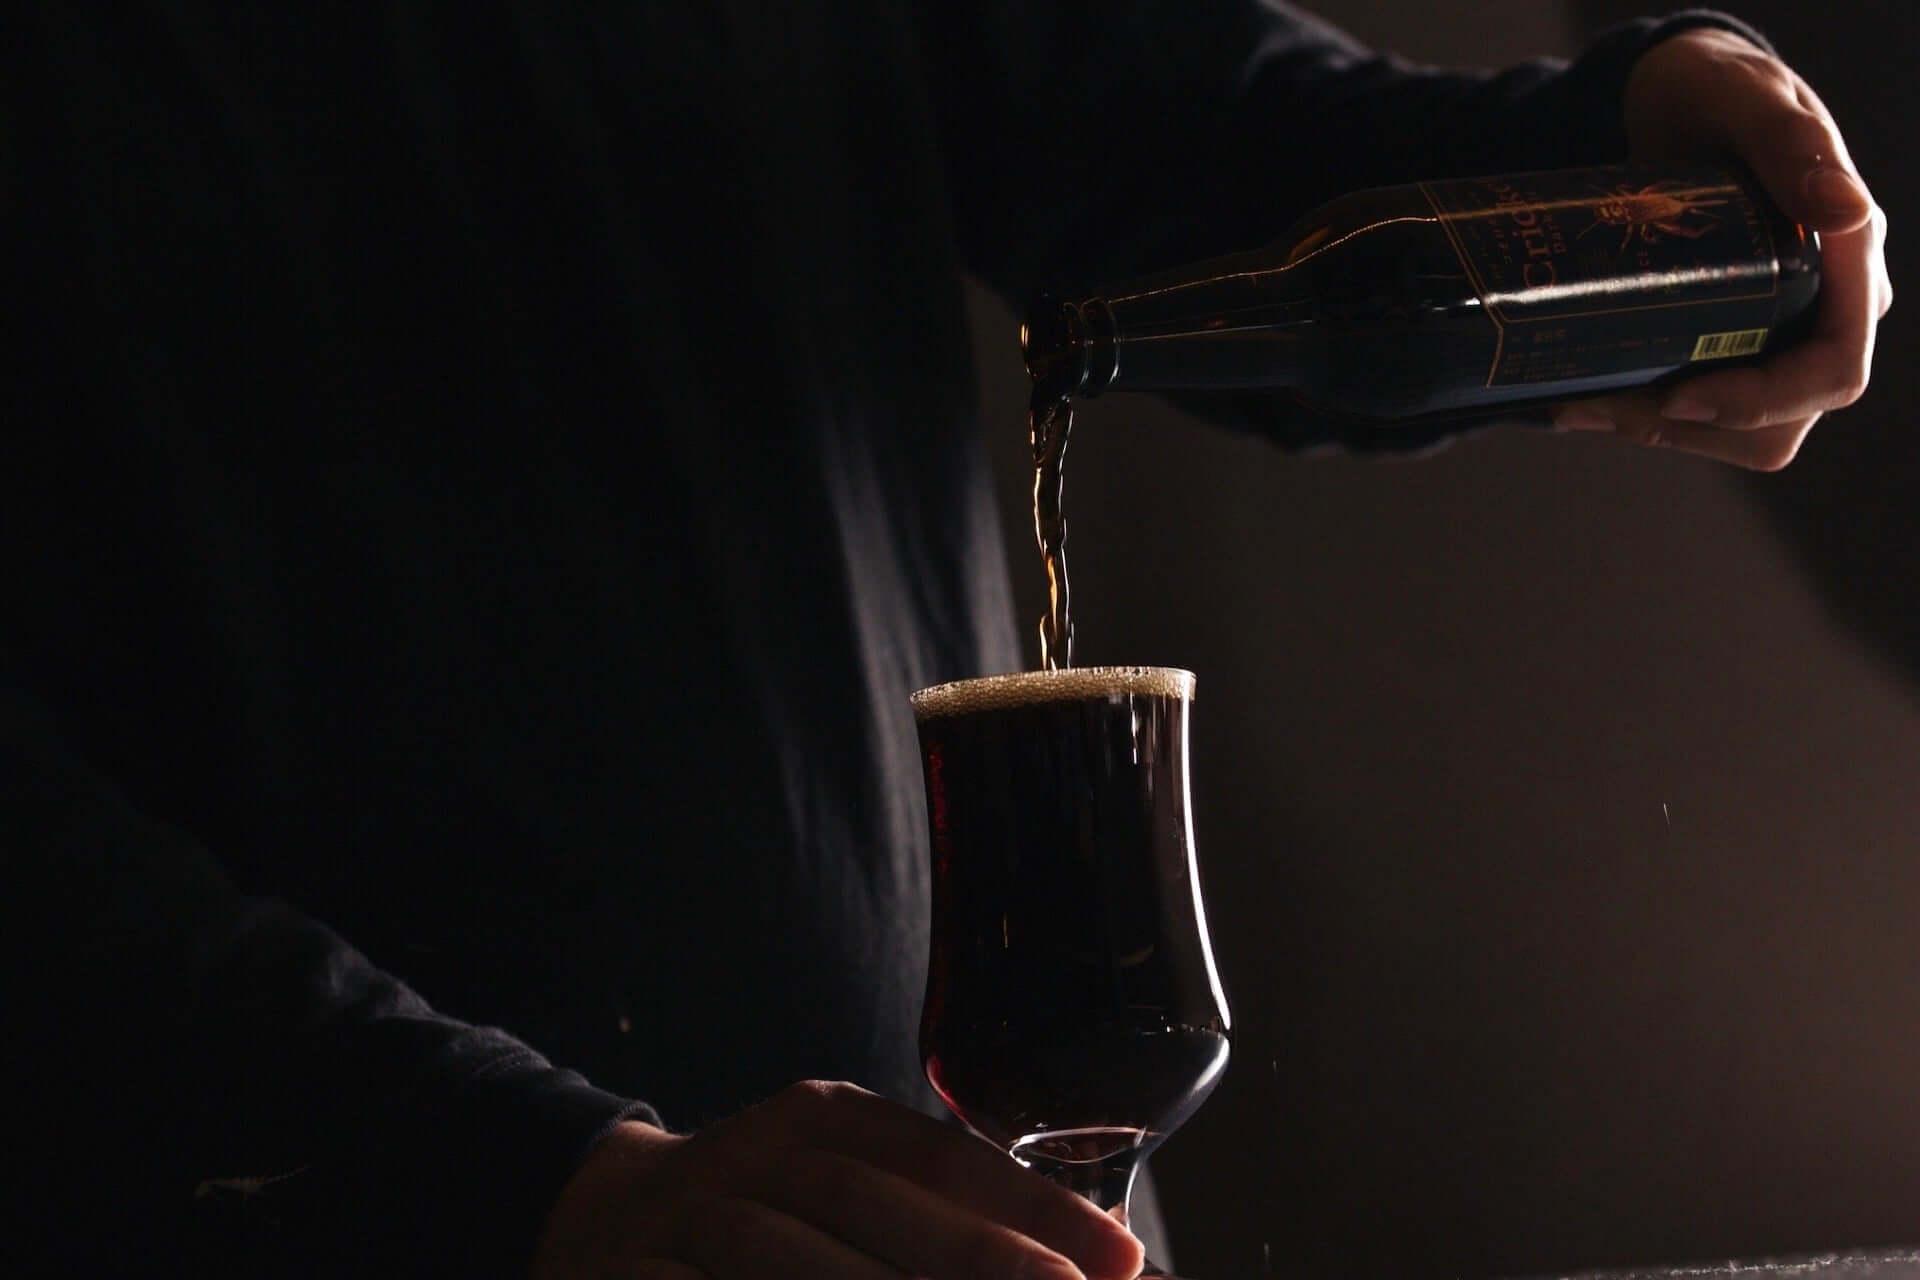 コオロギを原料に使用したクラフトビール『コオロギビール』がクラウドファンディングにて発売開始!オンライン飲み会にも gourmet200525_cricket_darkale_2-1920x1280